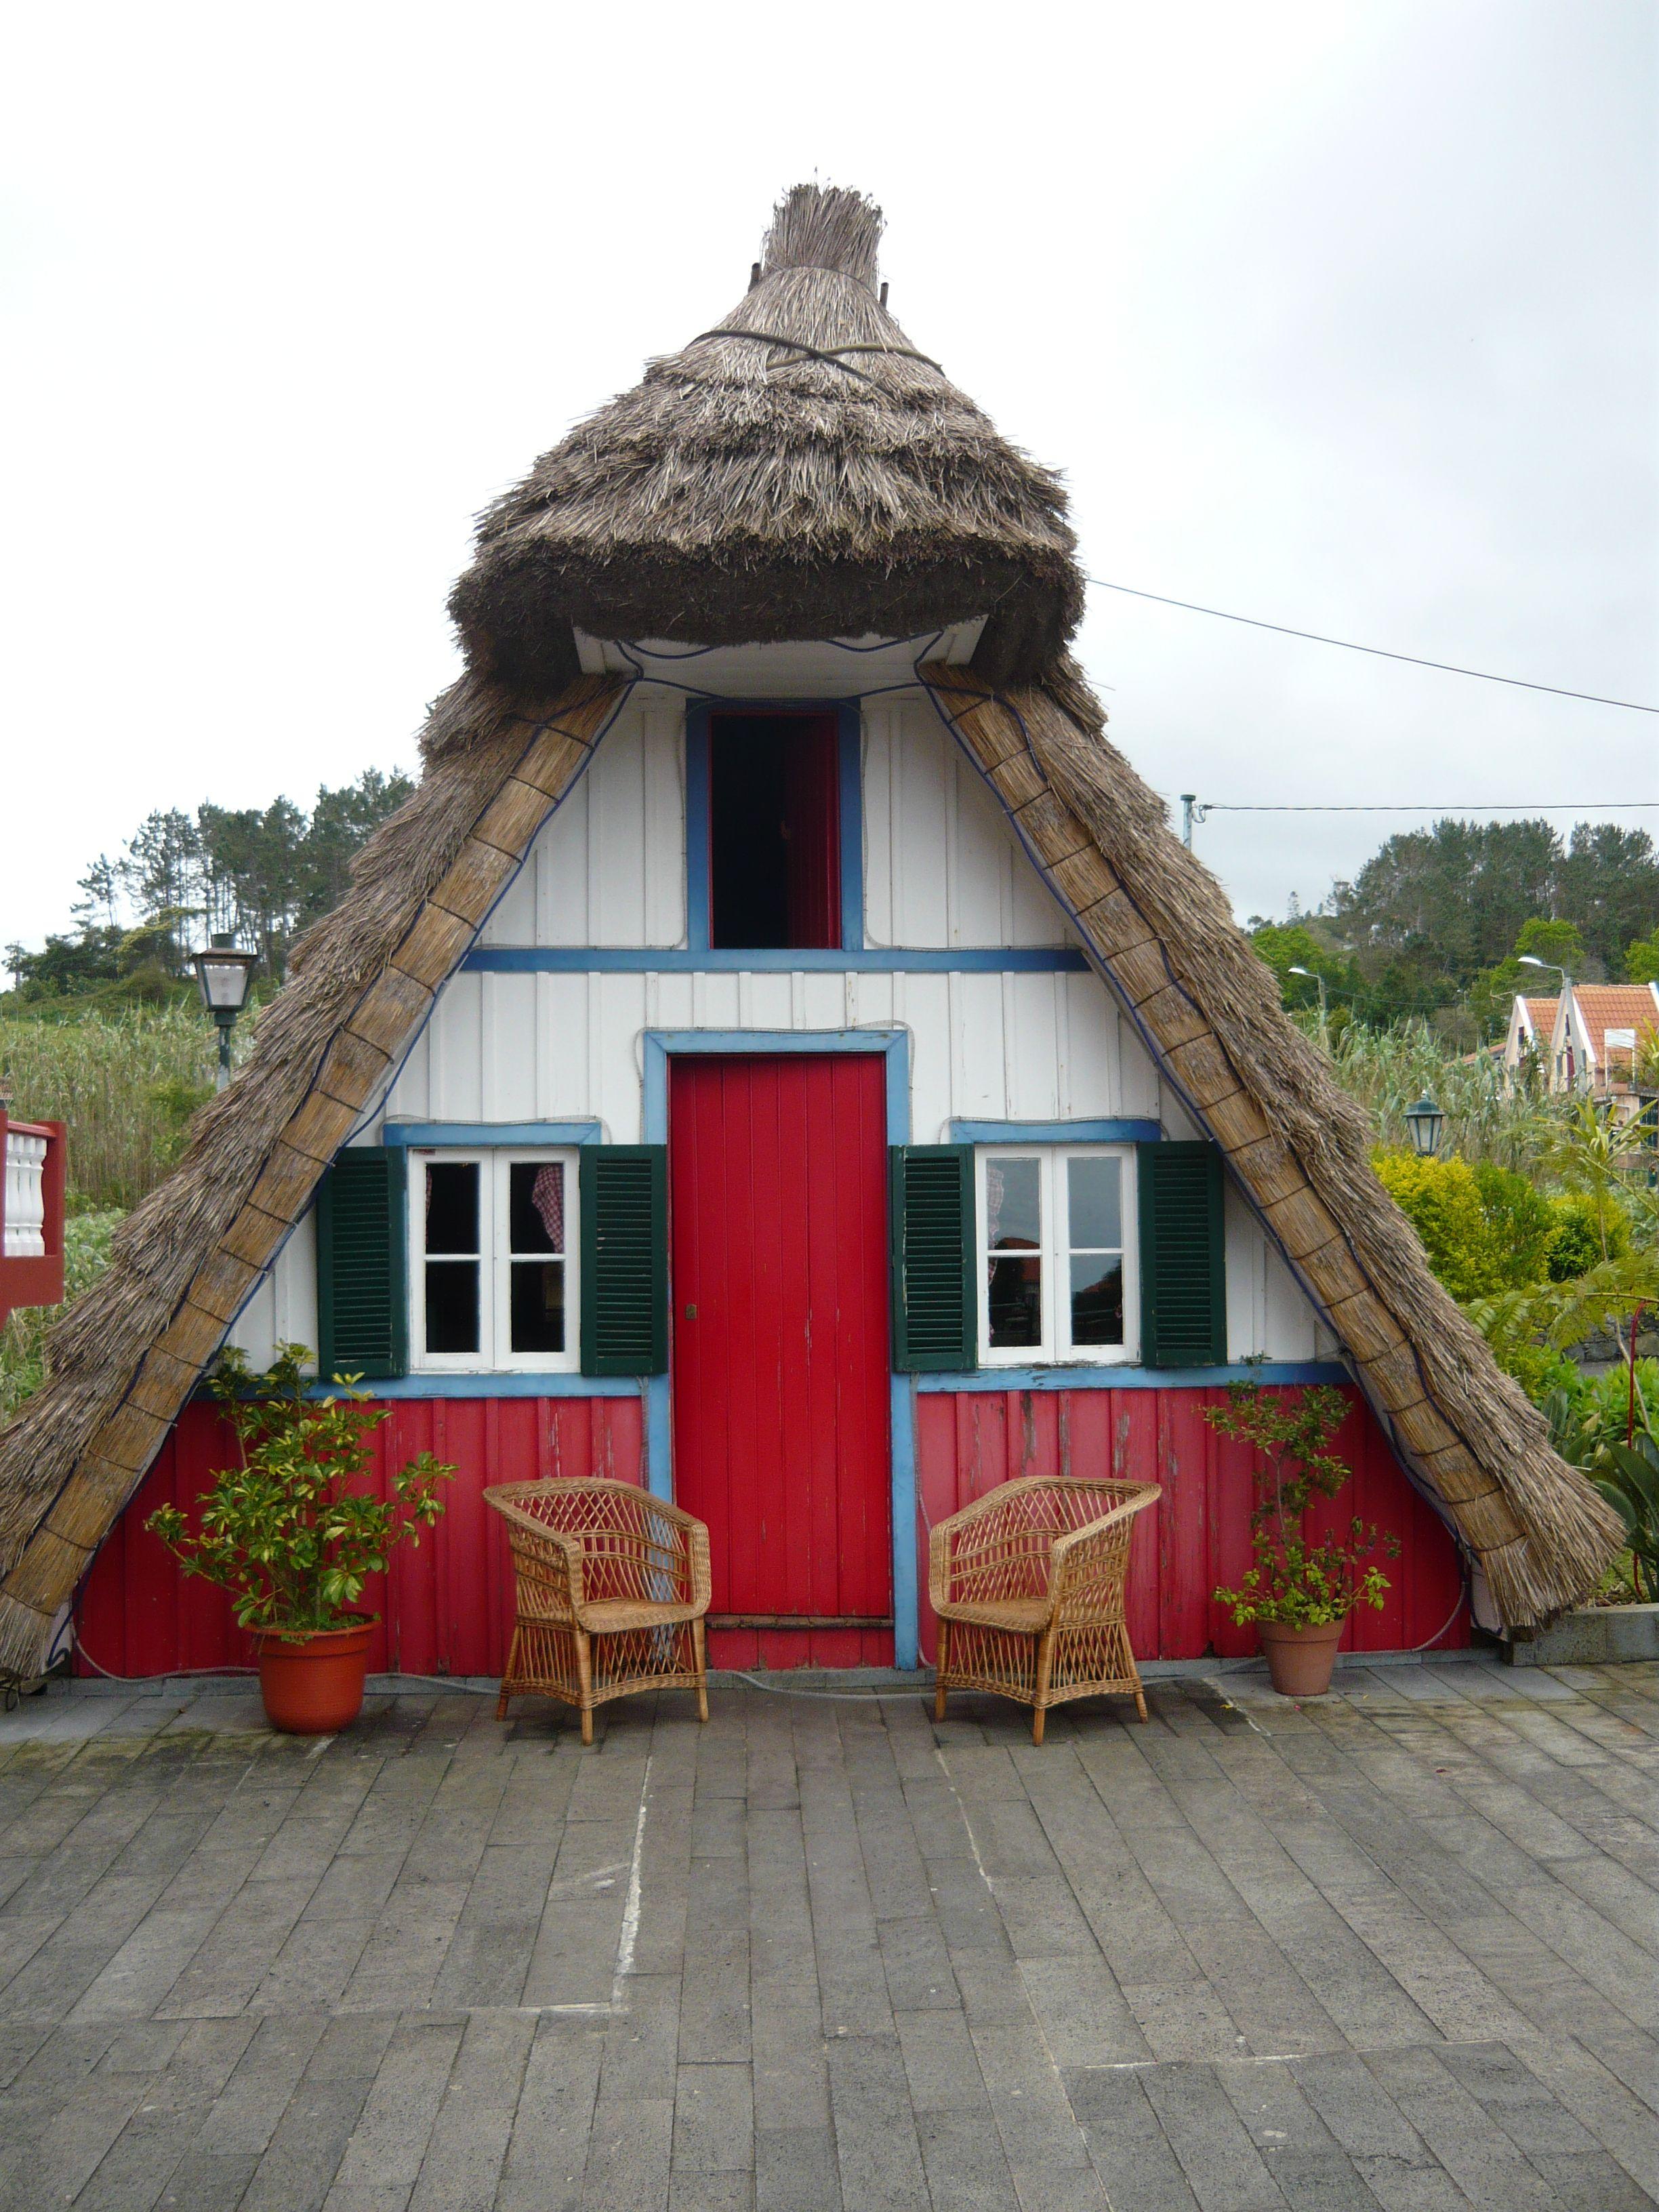 Carina Leal Casa De Santana Madeira Portugal Http Portugalmelhordestino Pt Fotos Concurso 94afe1529aa3a8a1c4 Casas Arquitetura E Design Arquitetura